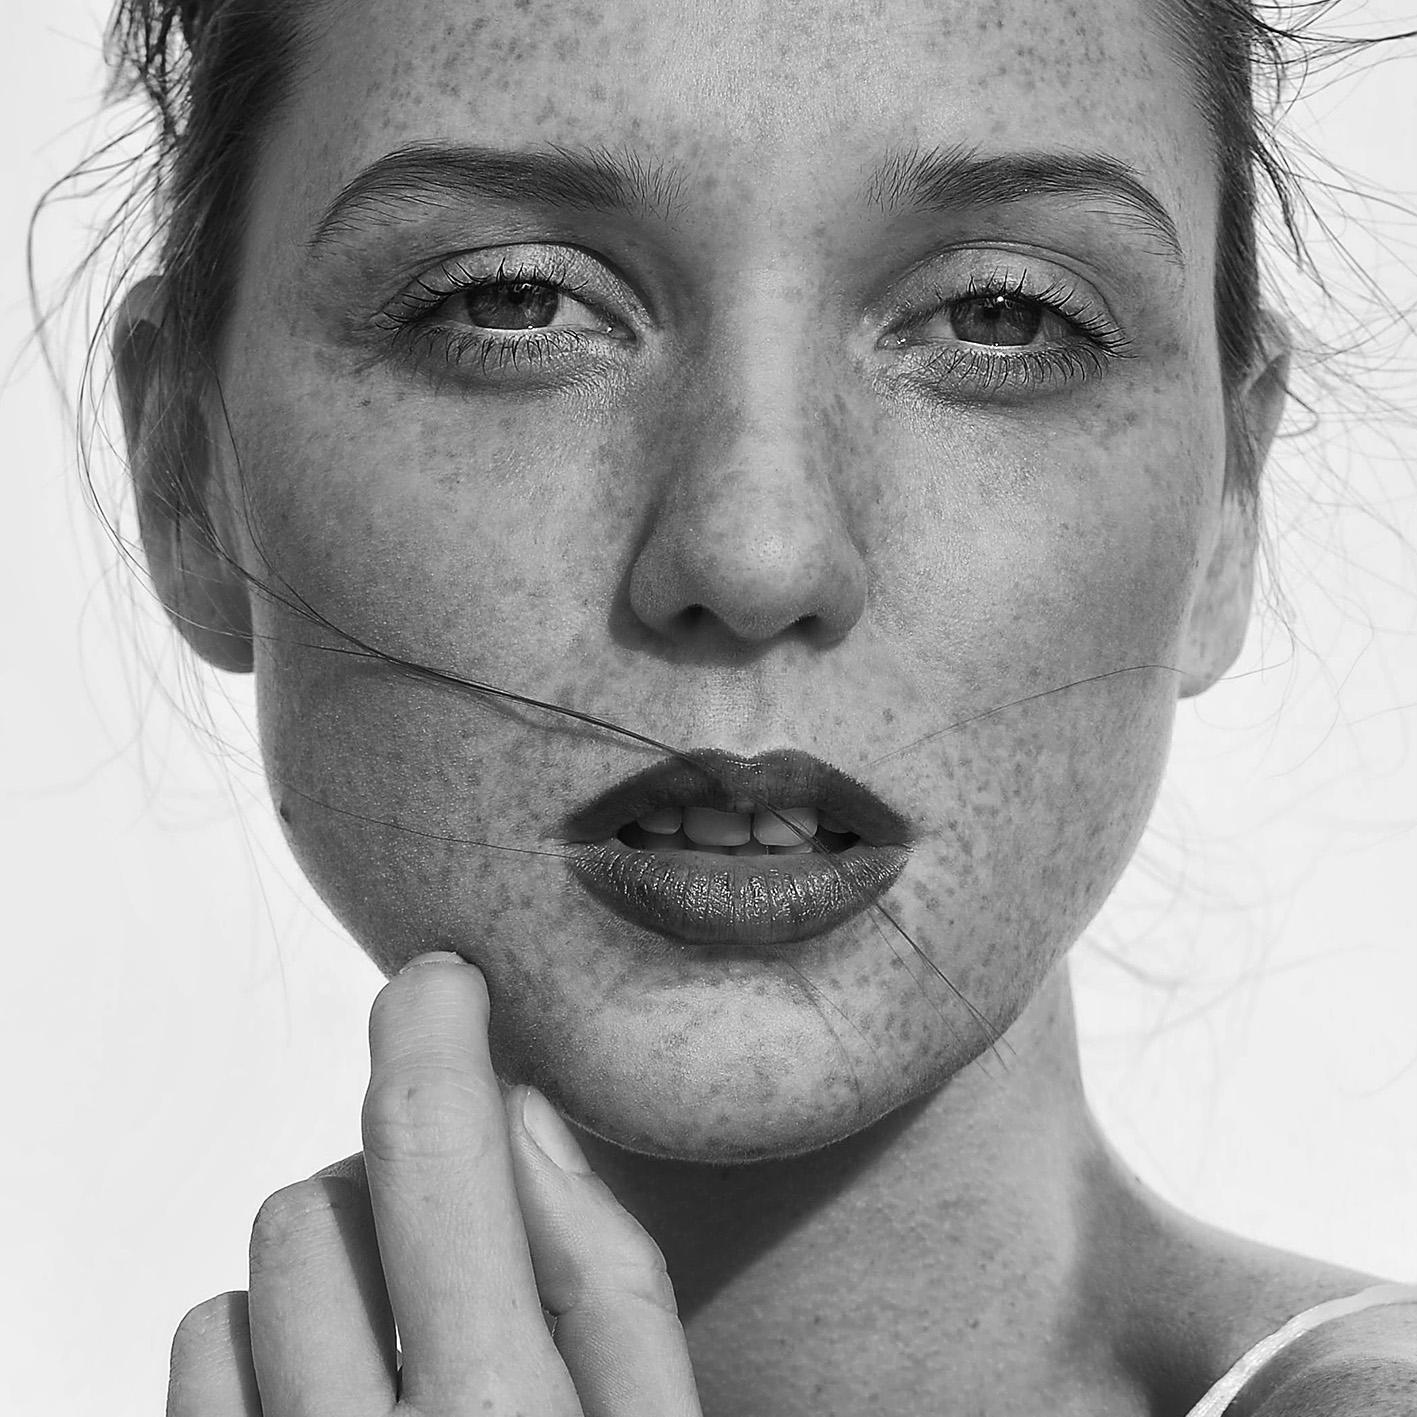 BEAUTY by Fabian Morassut